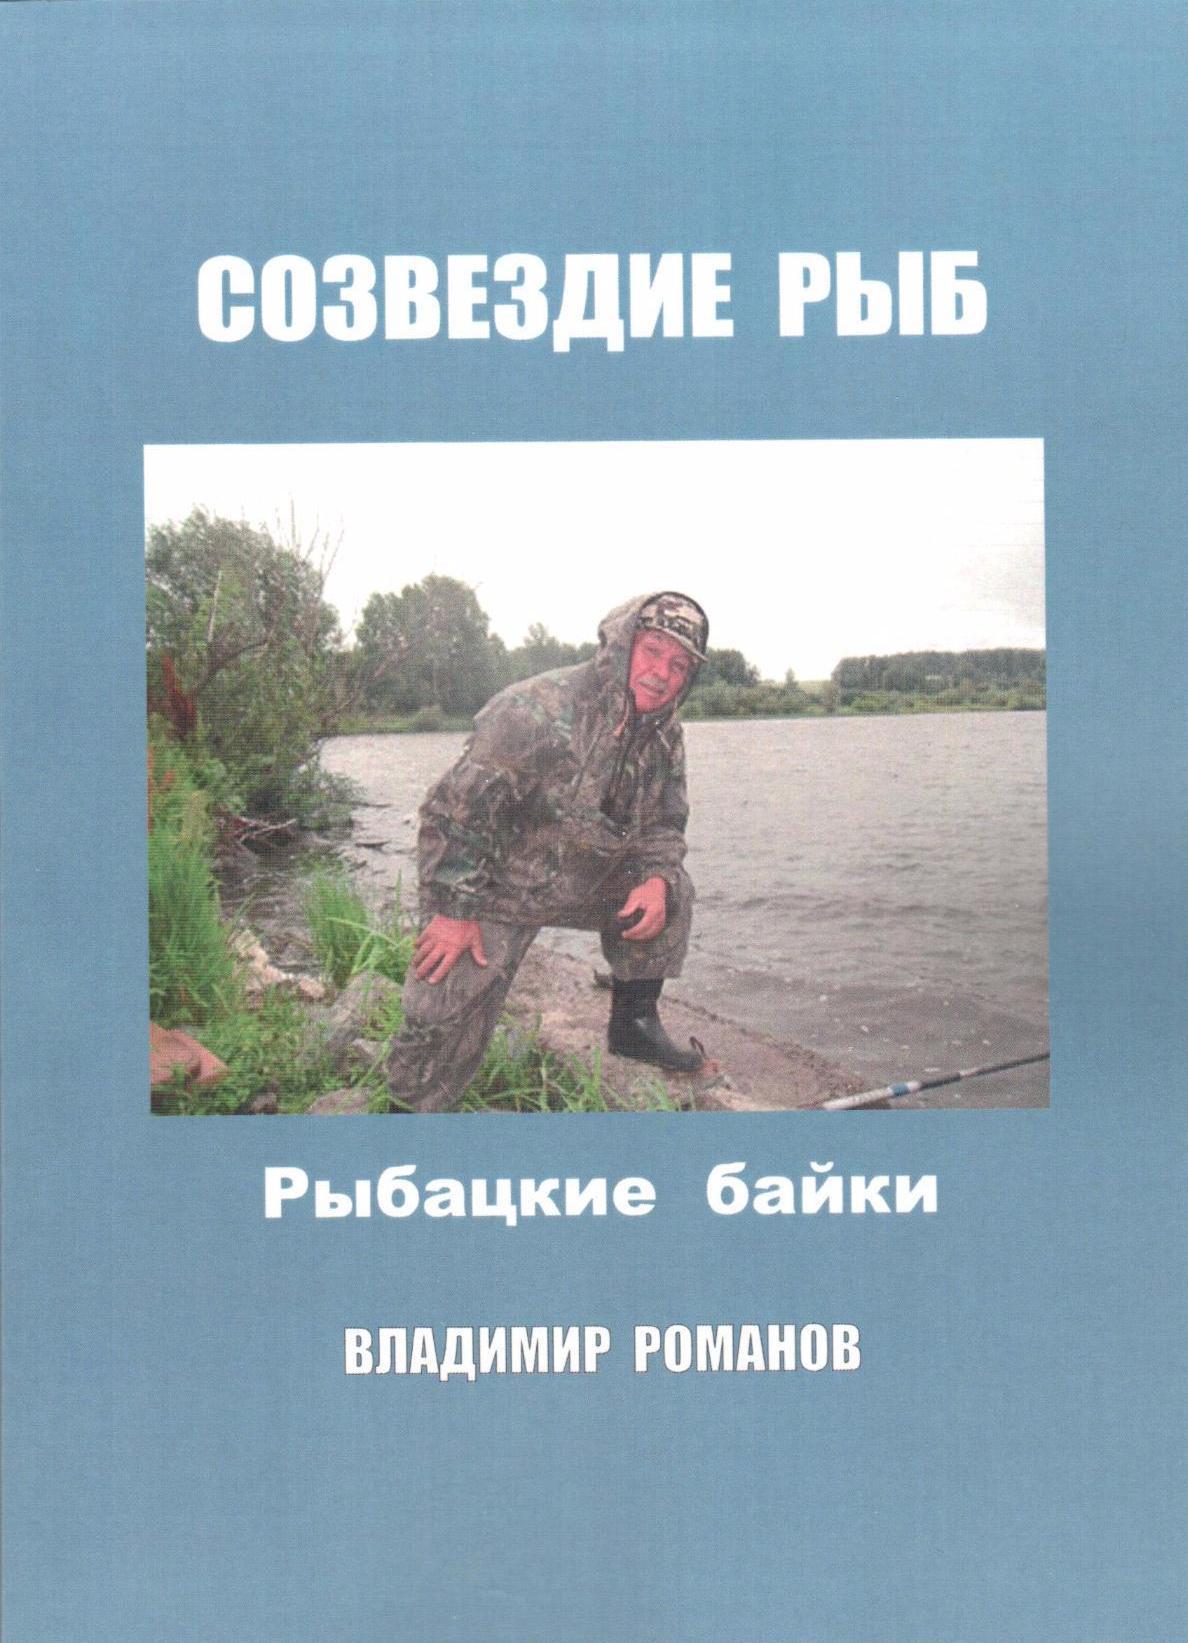 В. Романов - Созвездие рыб